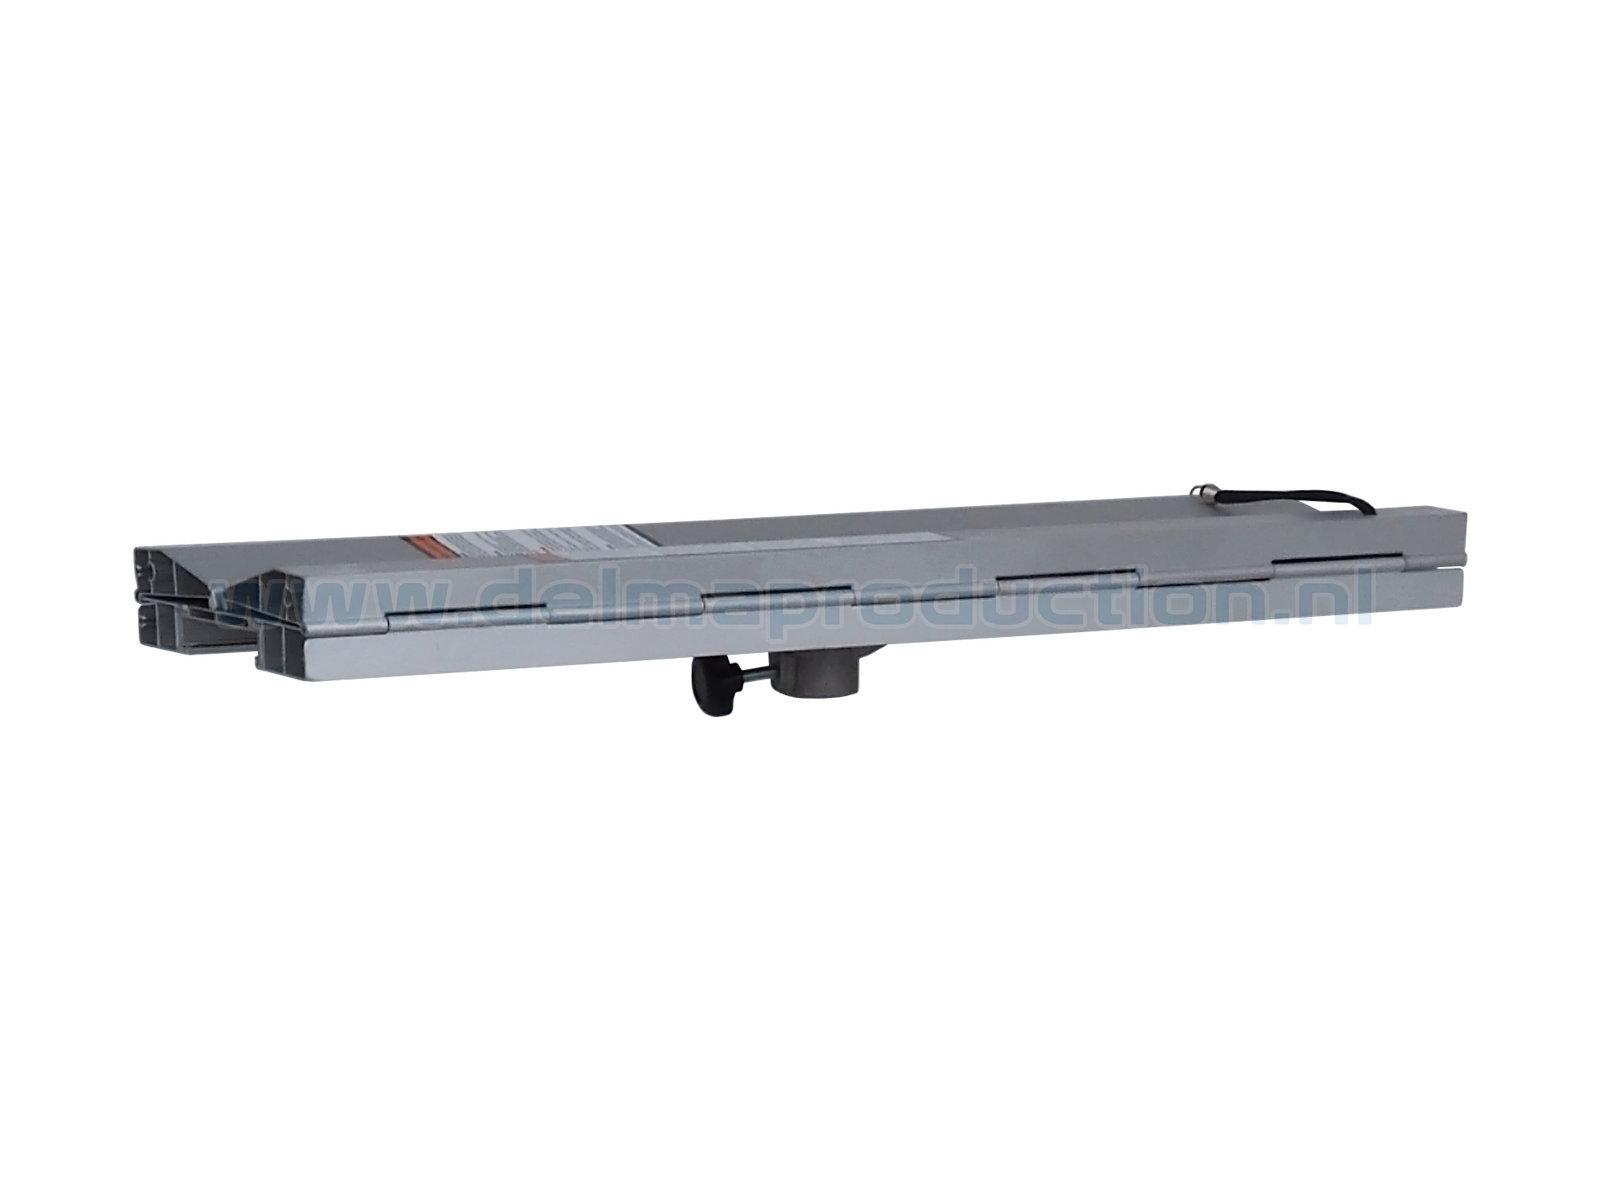 Montageplattform für elektrische Aufzüge Geeigenet für elektrische Aufzüge DEL 340 und DEL 520. Abmessung Plattform 740 x 430 mm. (2)